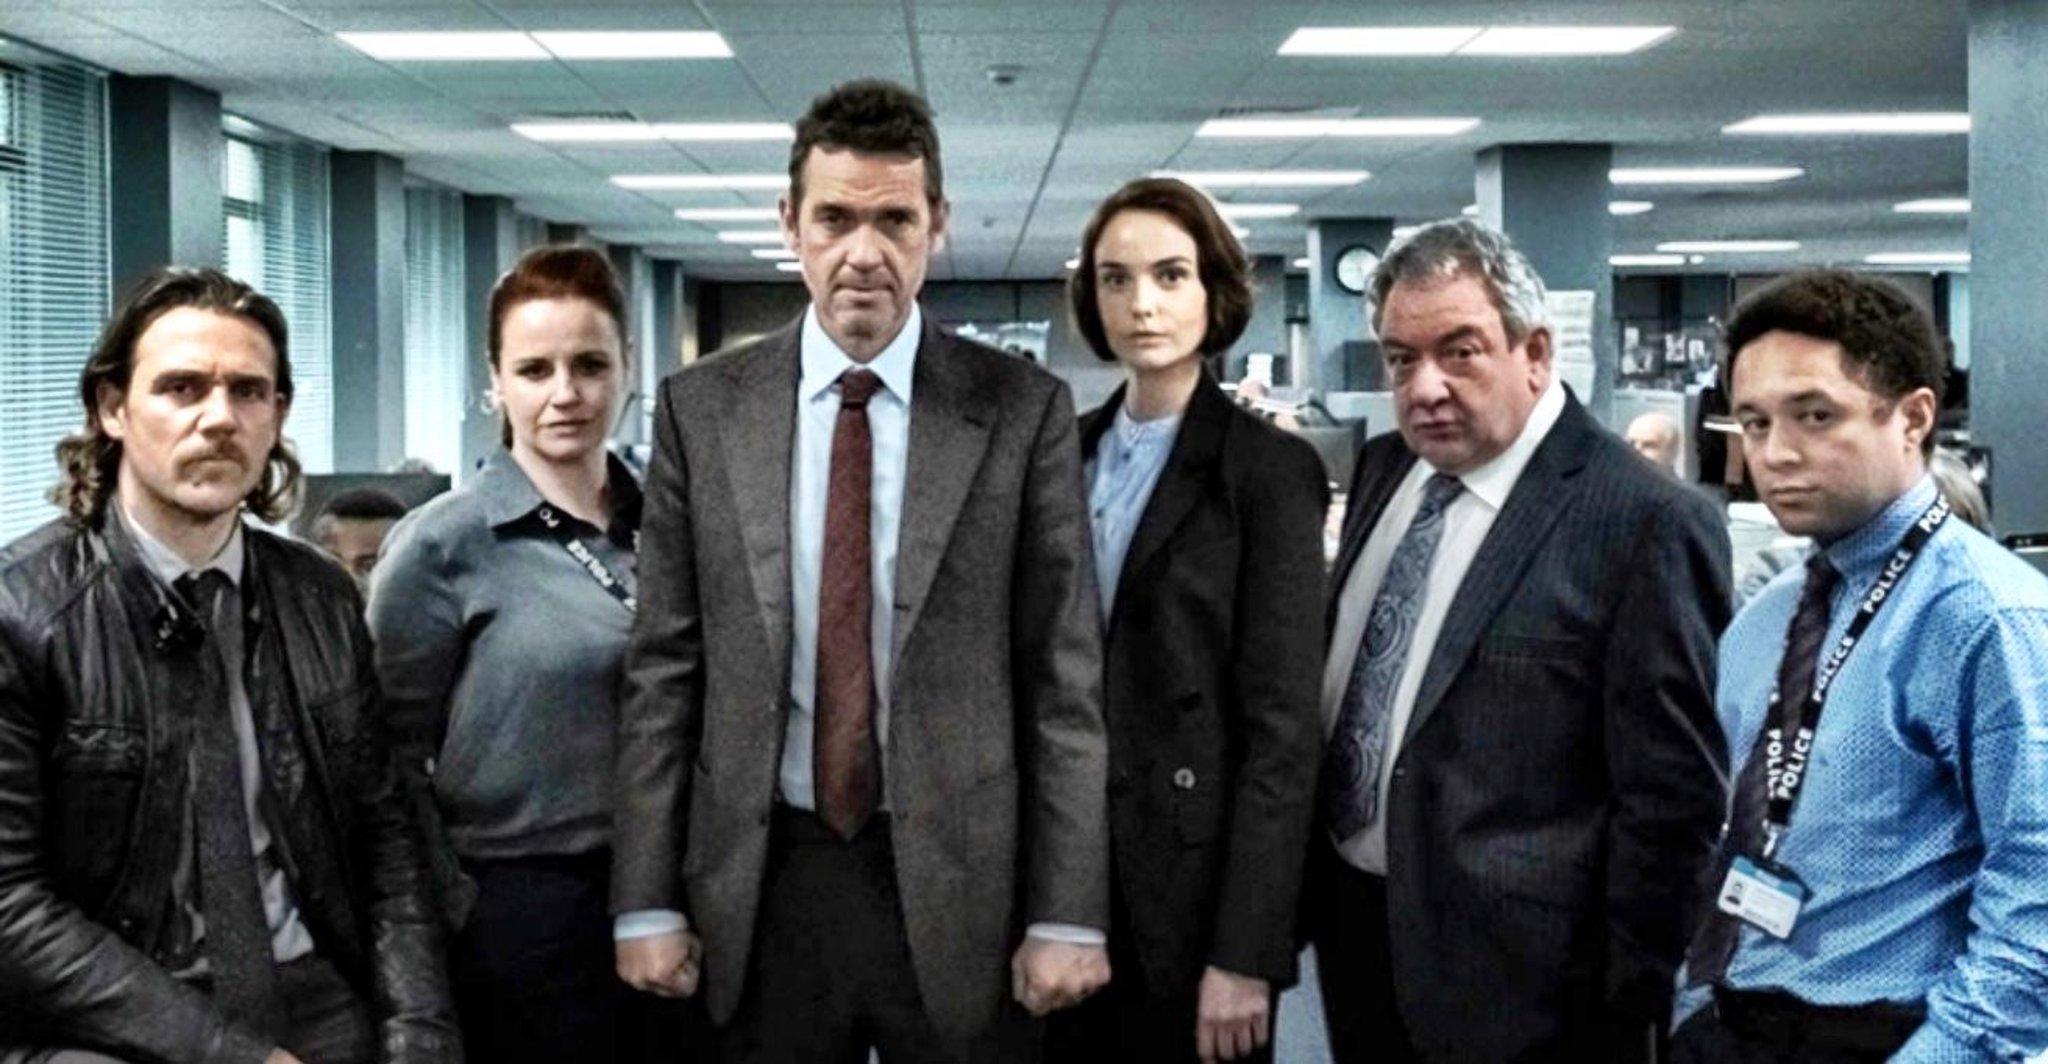 Kejahatan: Lihat dulu drama televisi Irvine Welsh yang baru